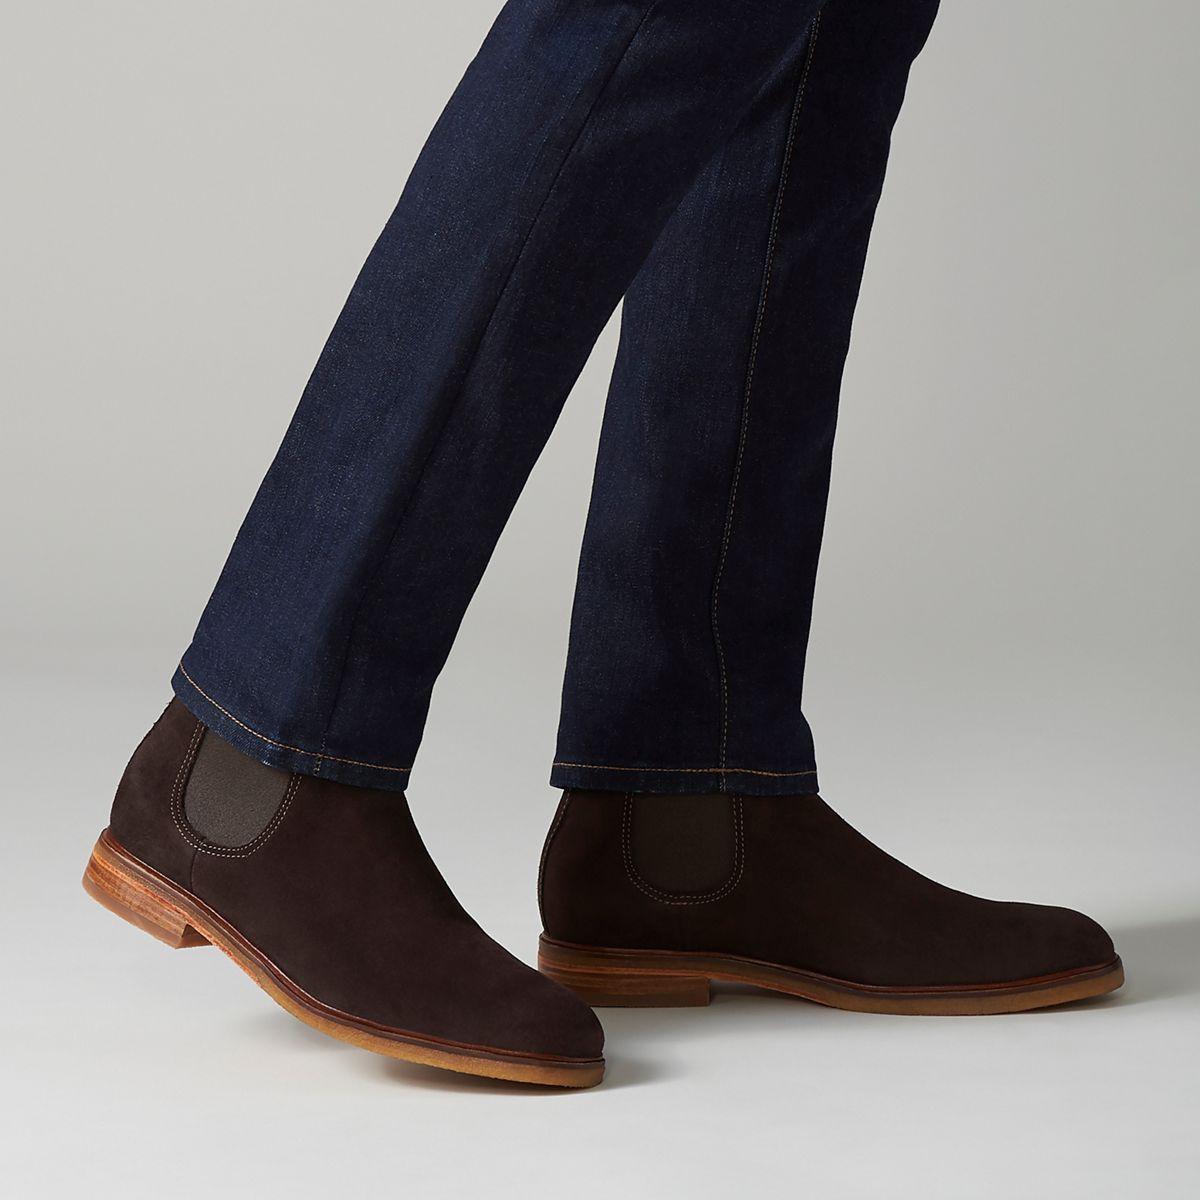 New York Shop für echte 2018 Schuhe Clarkdale Gobi - 13 / Standard Fit